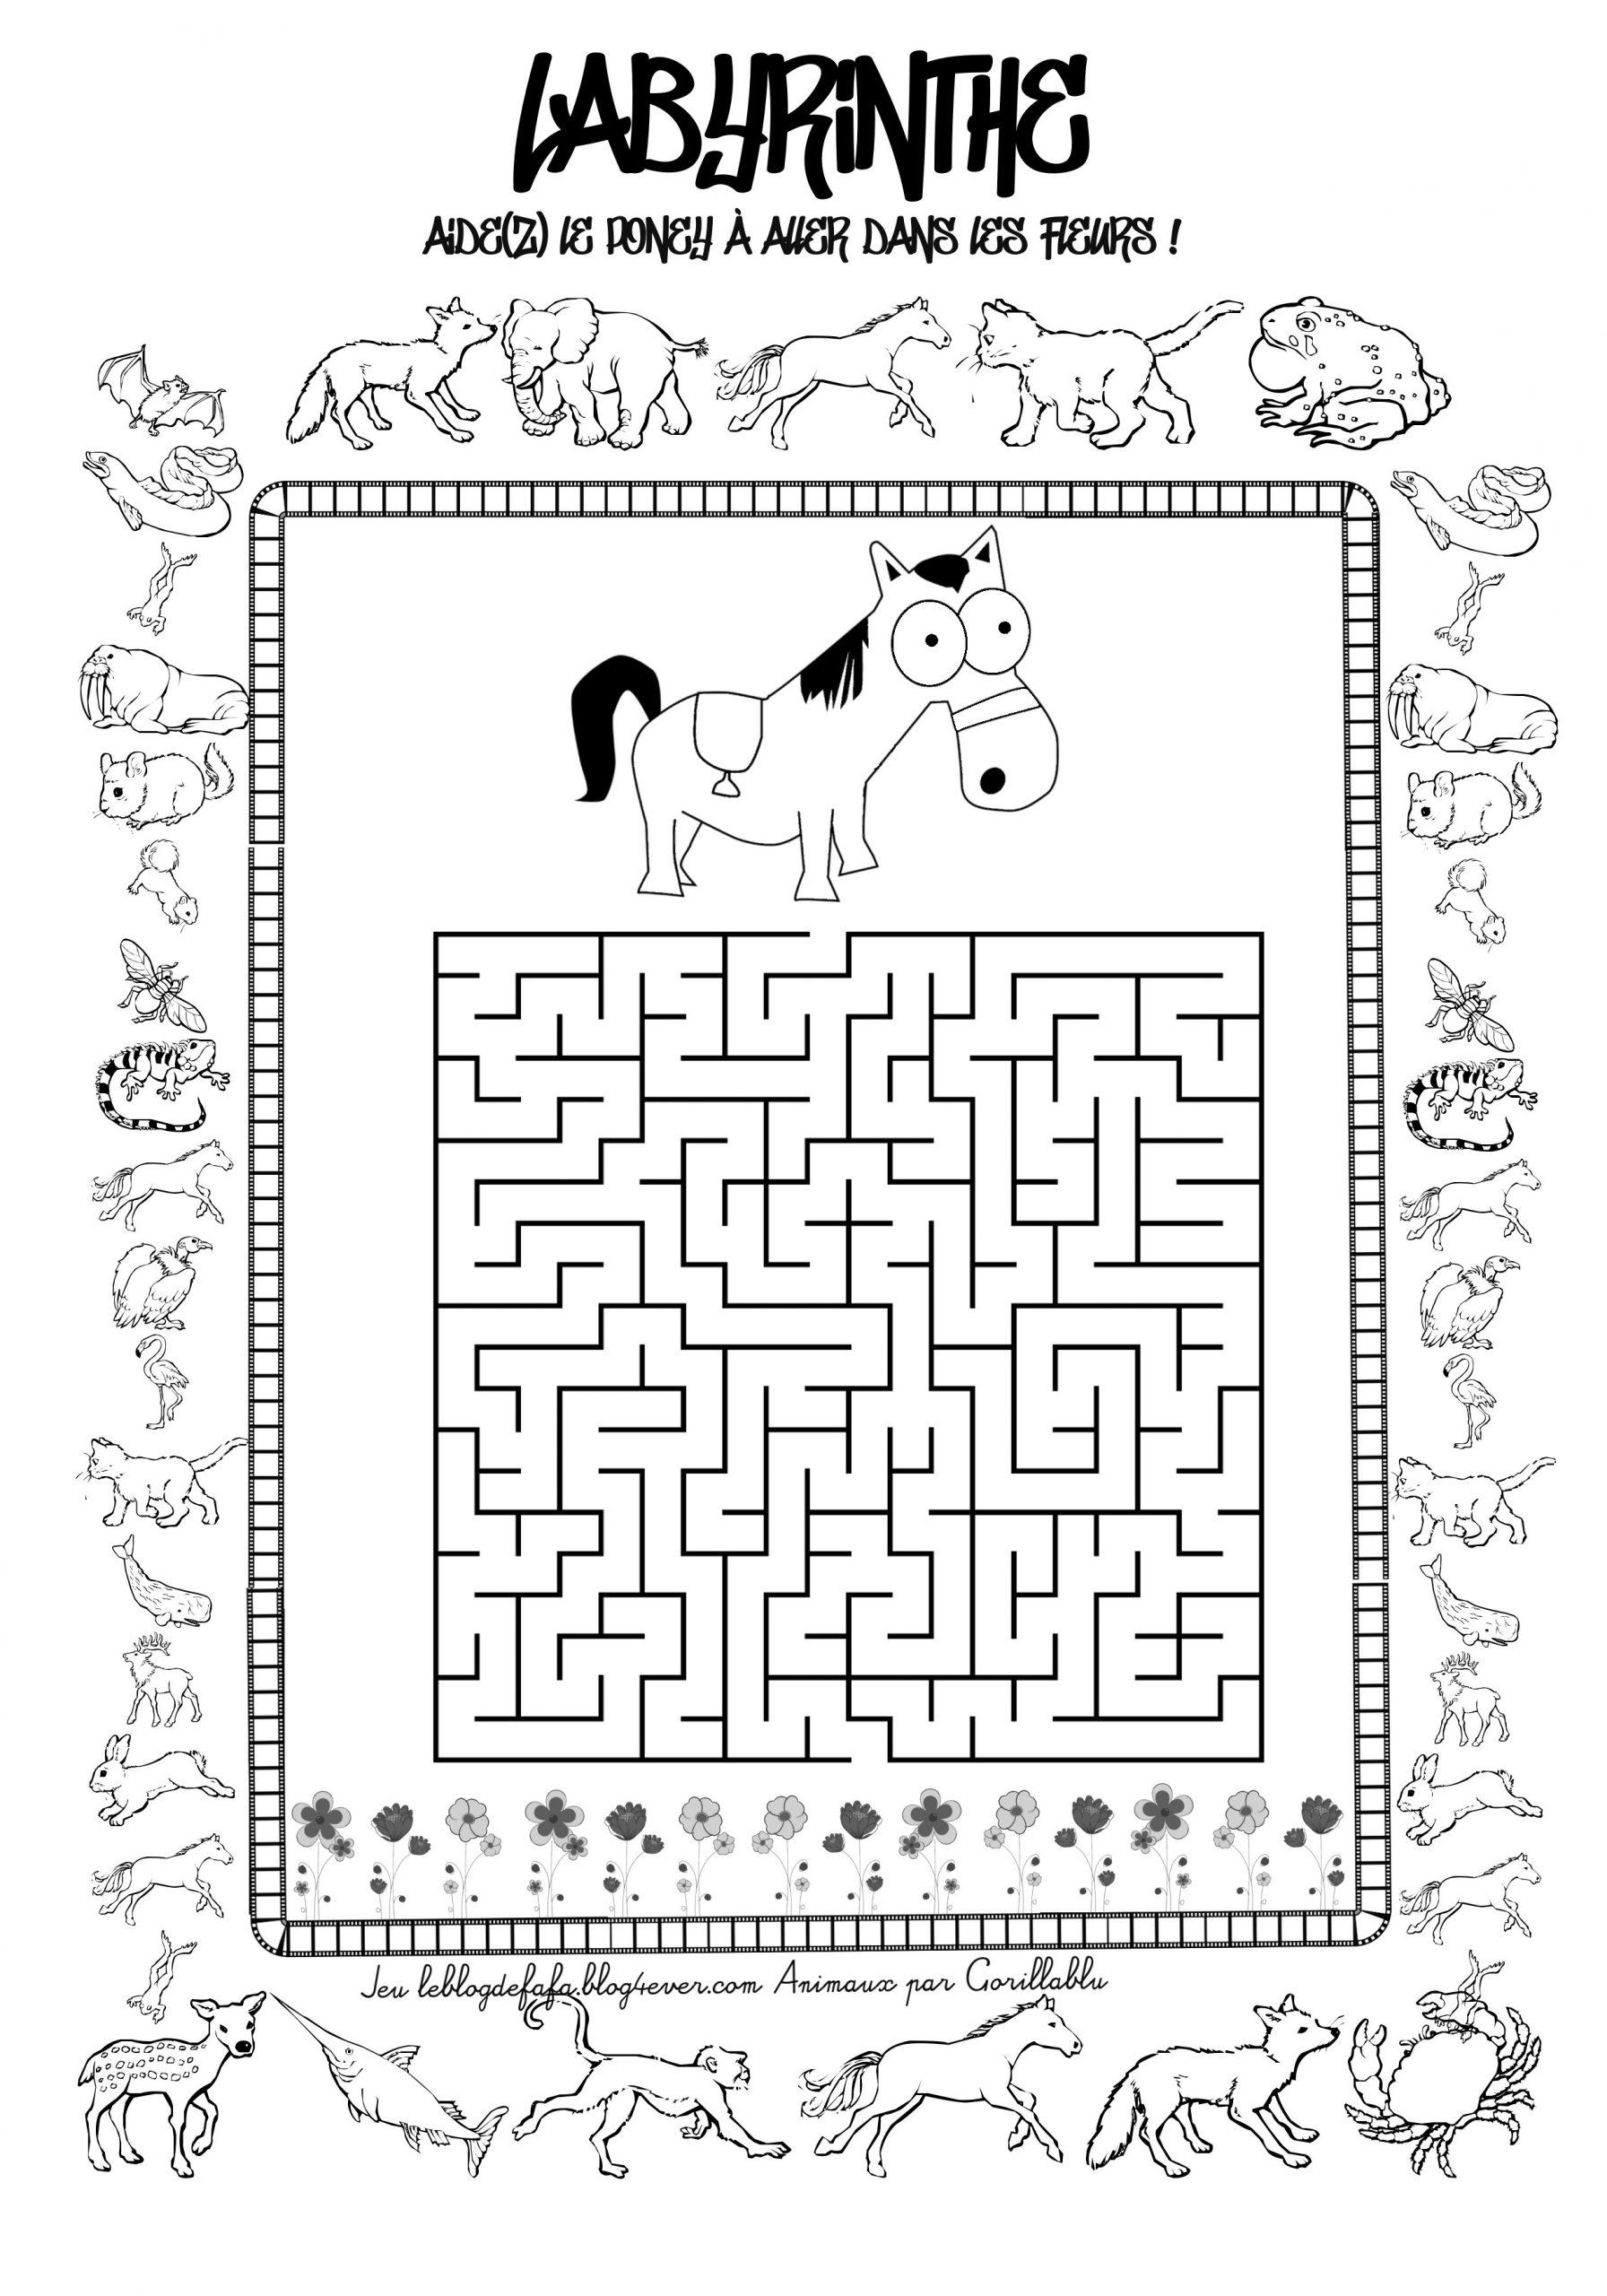 Jeux Chevaux Gratuits À Imprimer : Labyrinthes, Apprendre À tout Labyrinthes À Imprimer